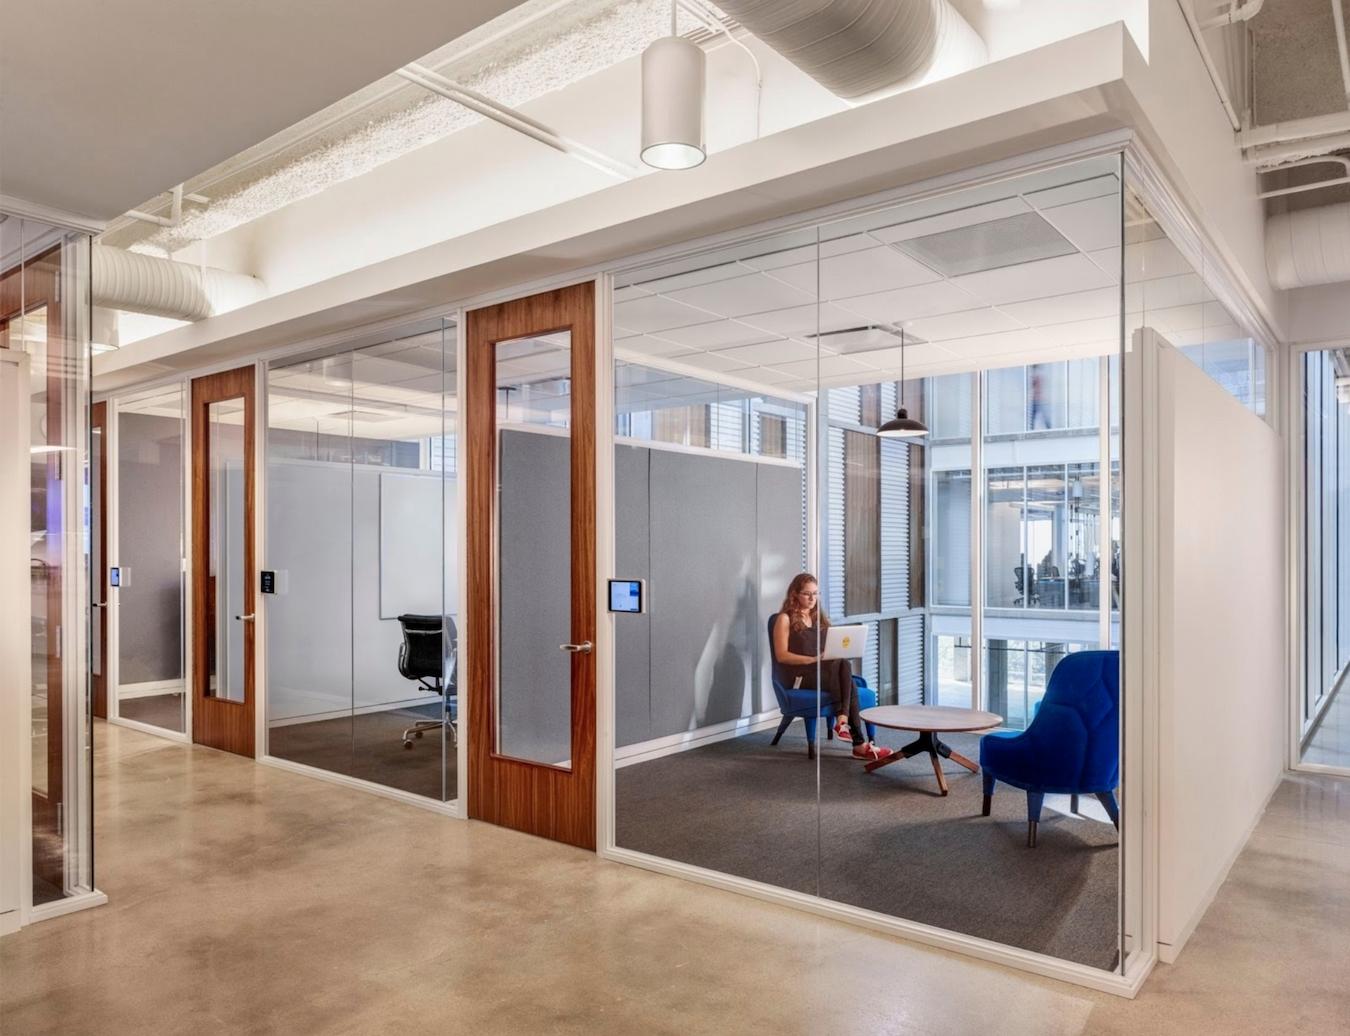 Blend materials - creative office design inspiration